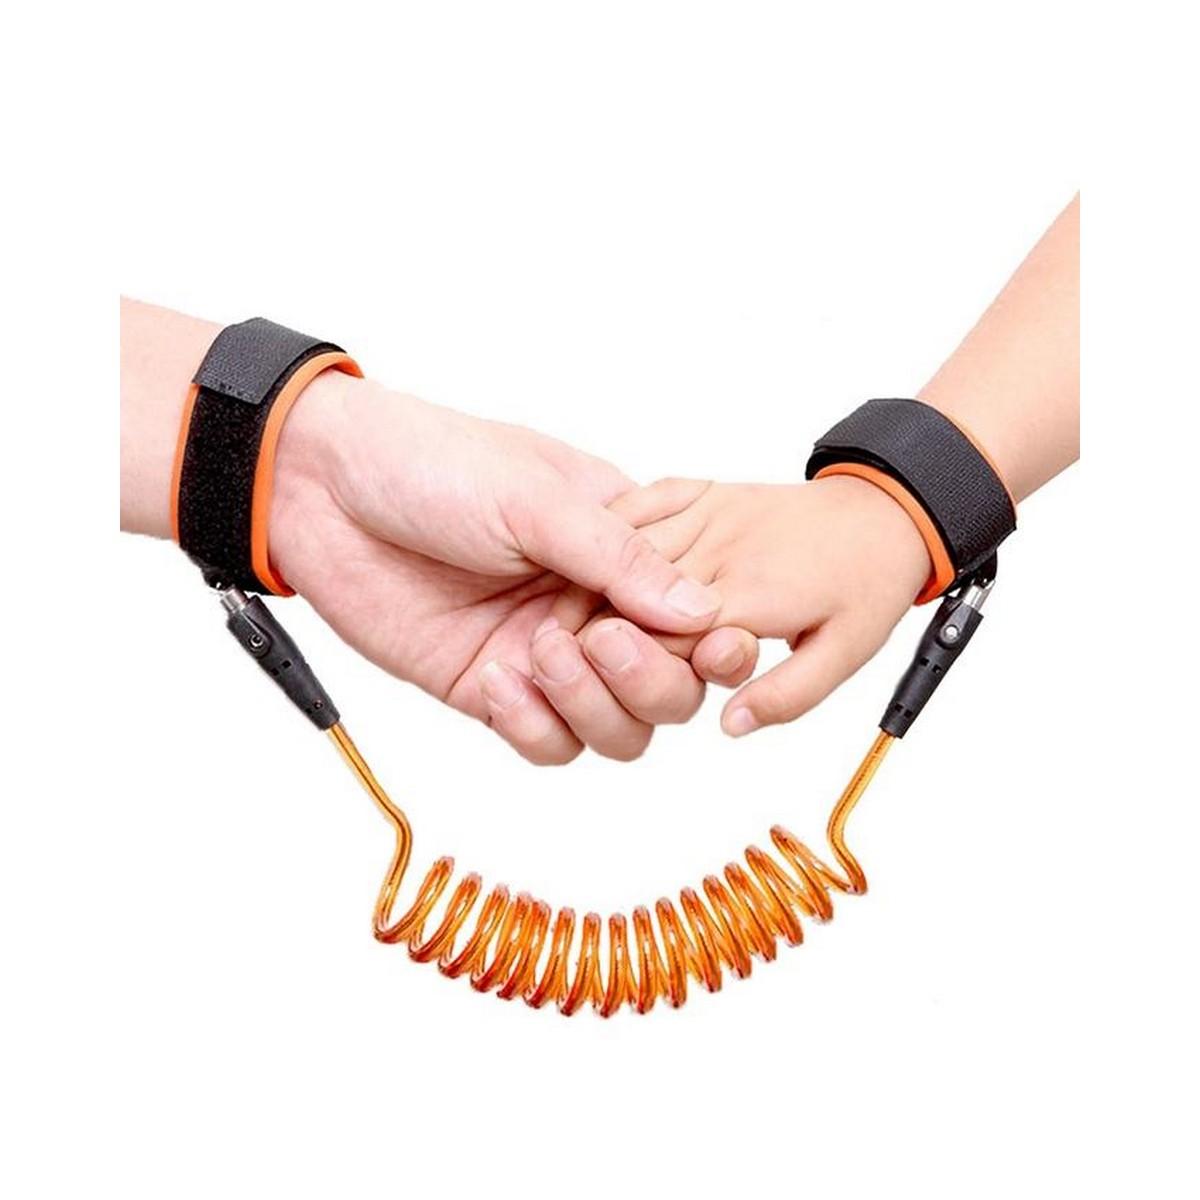 Stretch baby boys girl walker Leash Adjustable Kids Safety Anti-lost Wrist Link Toddler Wrist Band Leash Belt